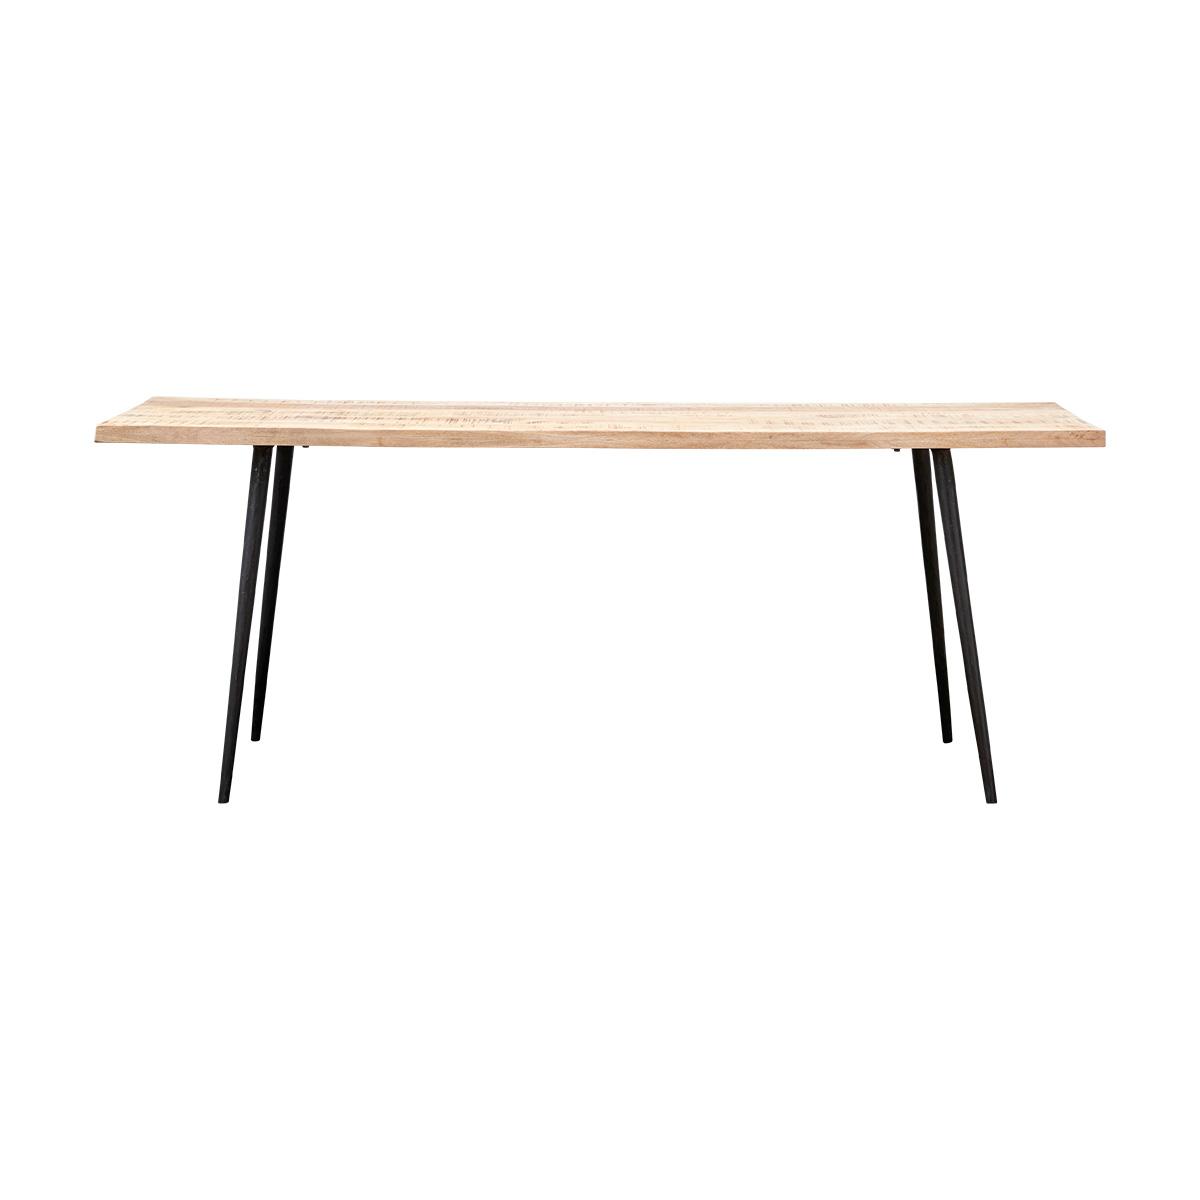 Image of   House Doctor Club spisebord i lys mangotræ og jern - 200 cm